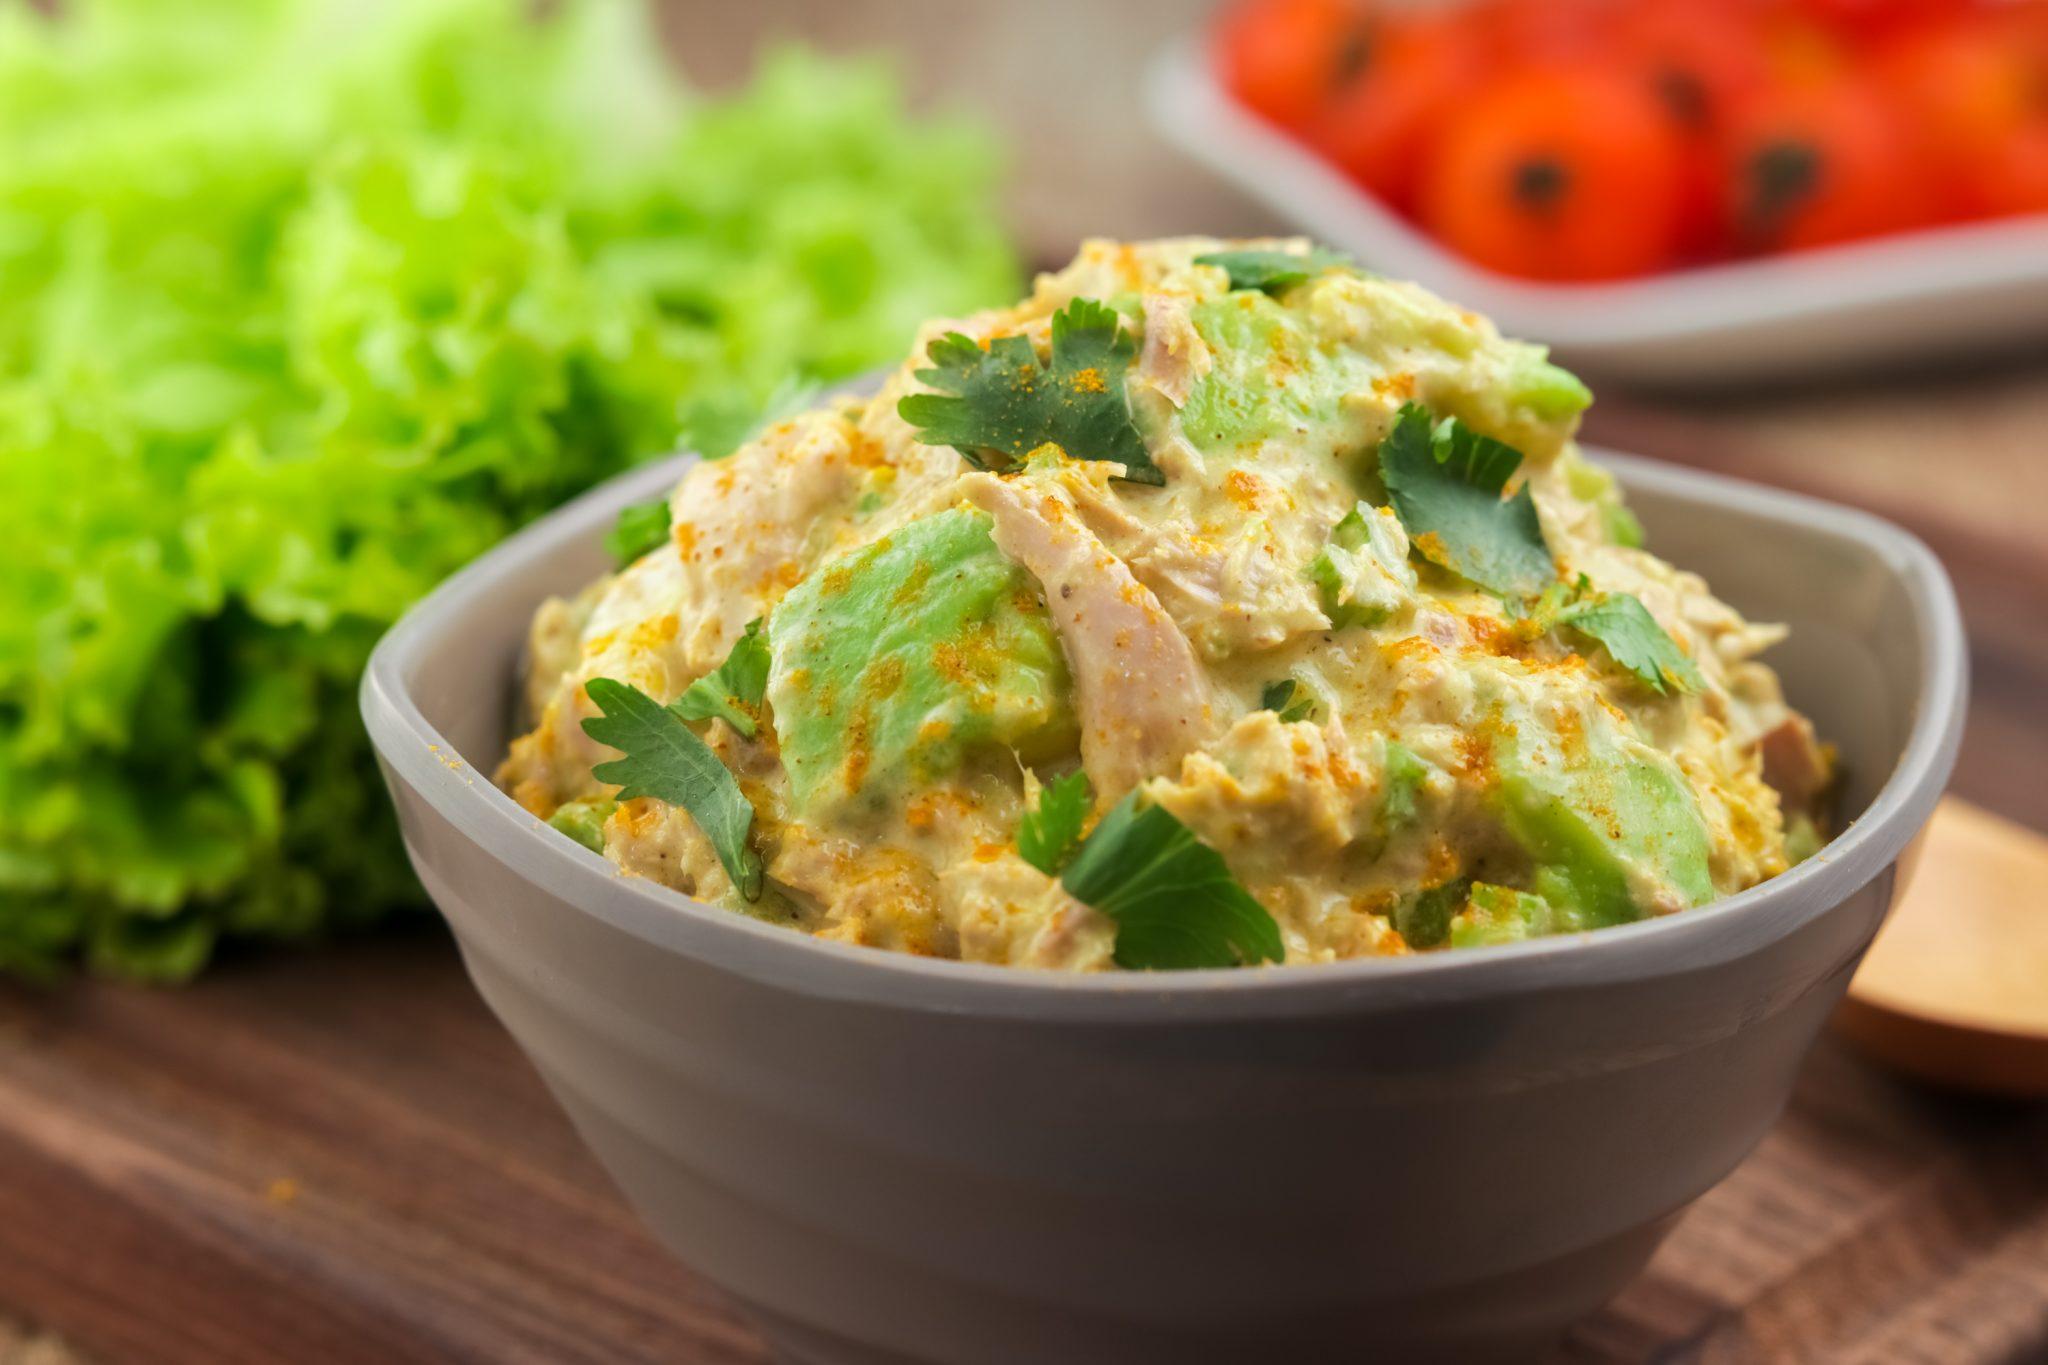 Ketogenic Recipes: Keto Curry Spiked Tuna and Avocado Salad